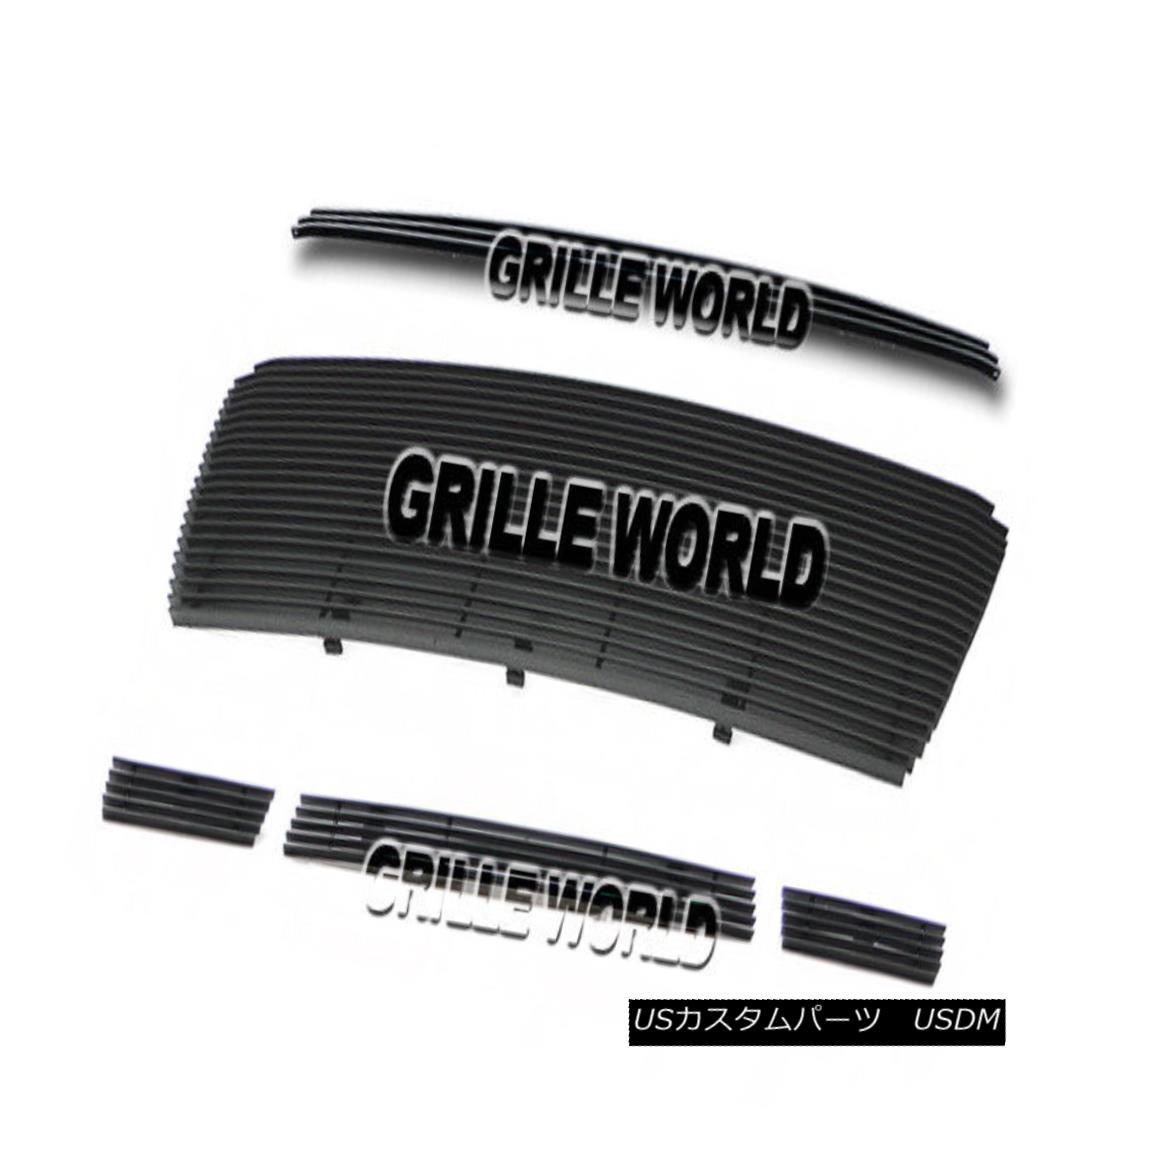 グリル For 10-11 Toyota Tundra Black Billet Premium Grille Combo Insert トヨタトンドラブラックビレットプレミアムグリルコンボインサート10-11用